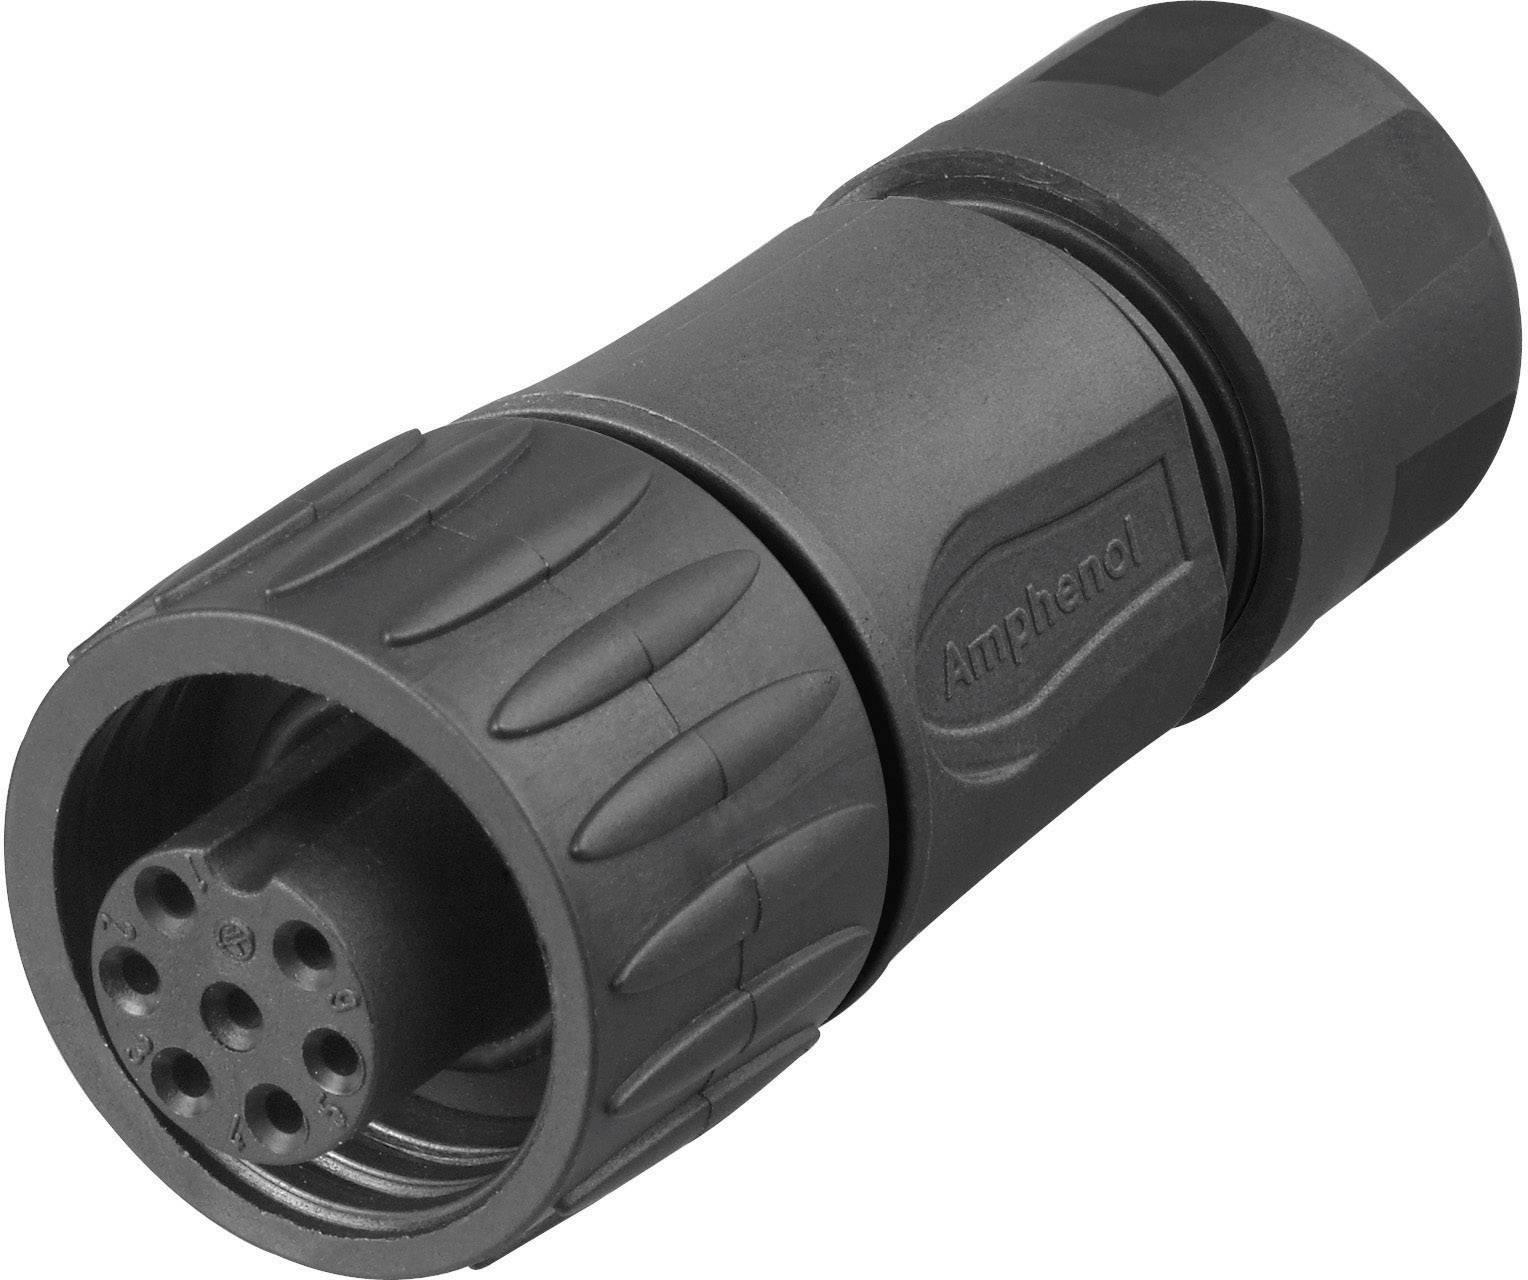 Kabelová zásuvka úhlová 3+PE Amphenol C016 20D003 110 12, černá